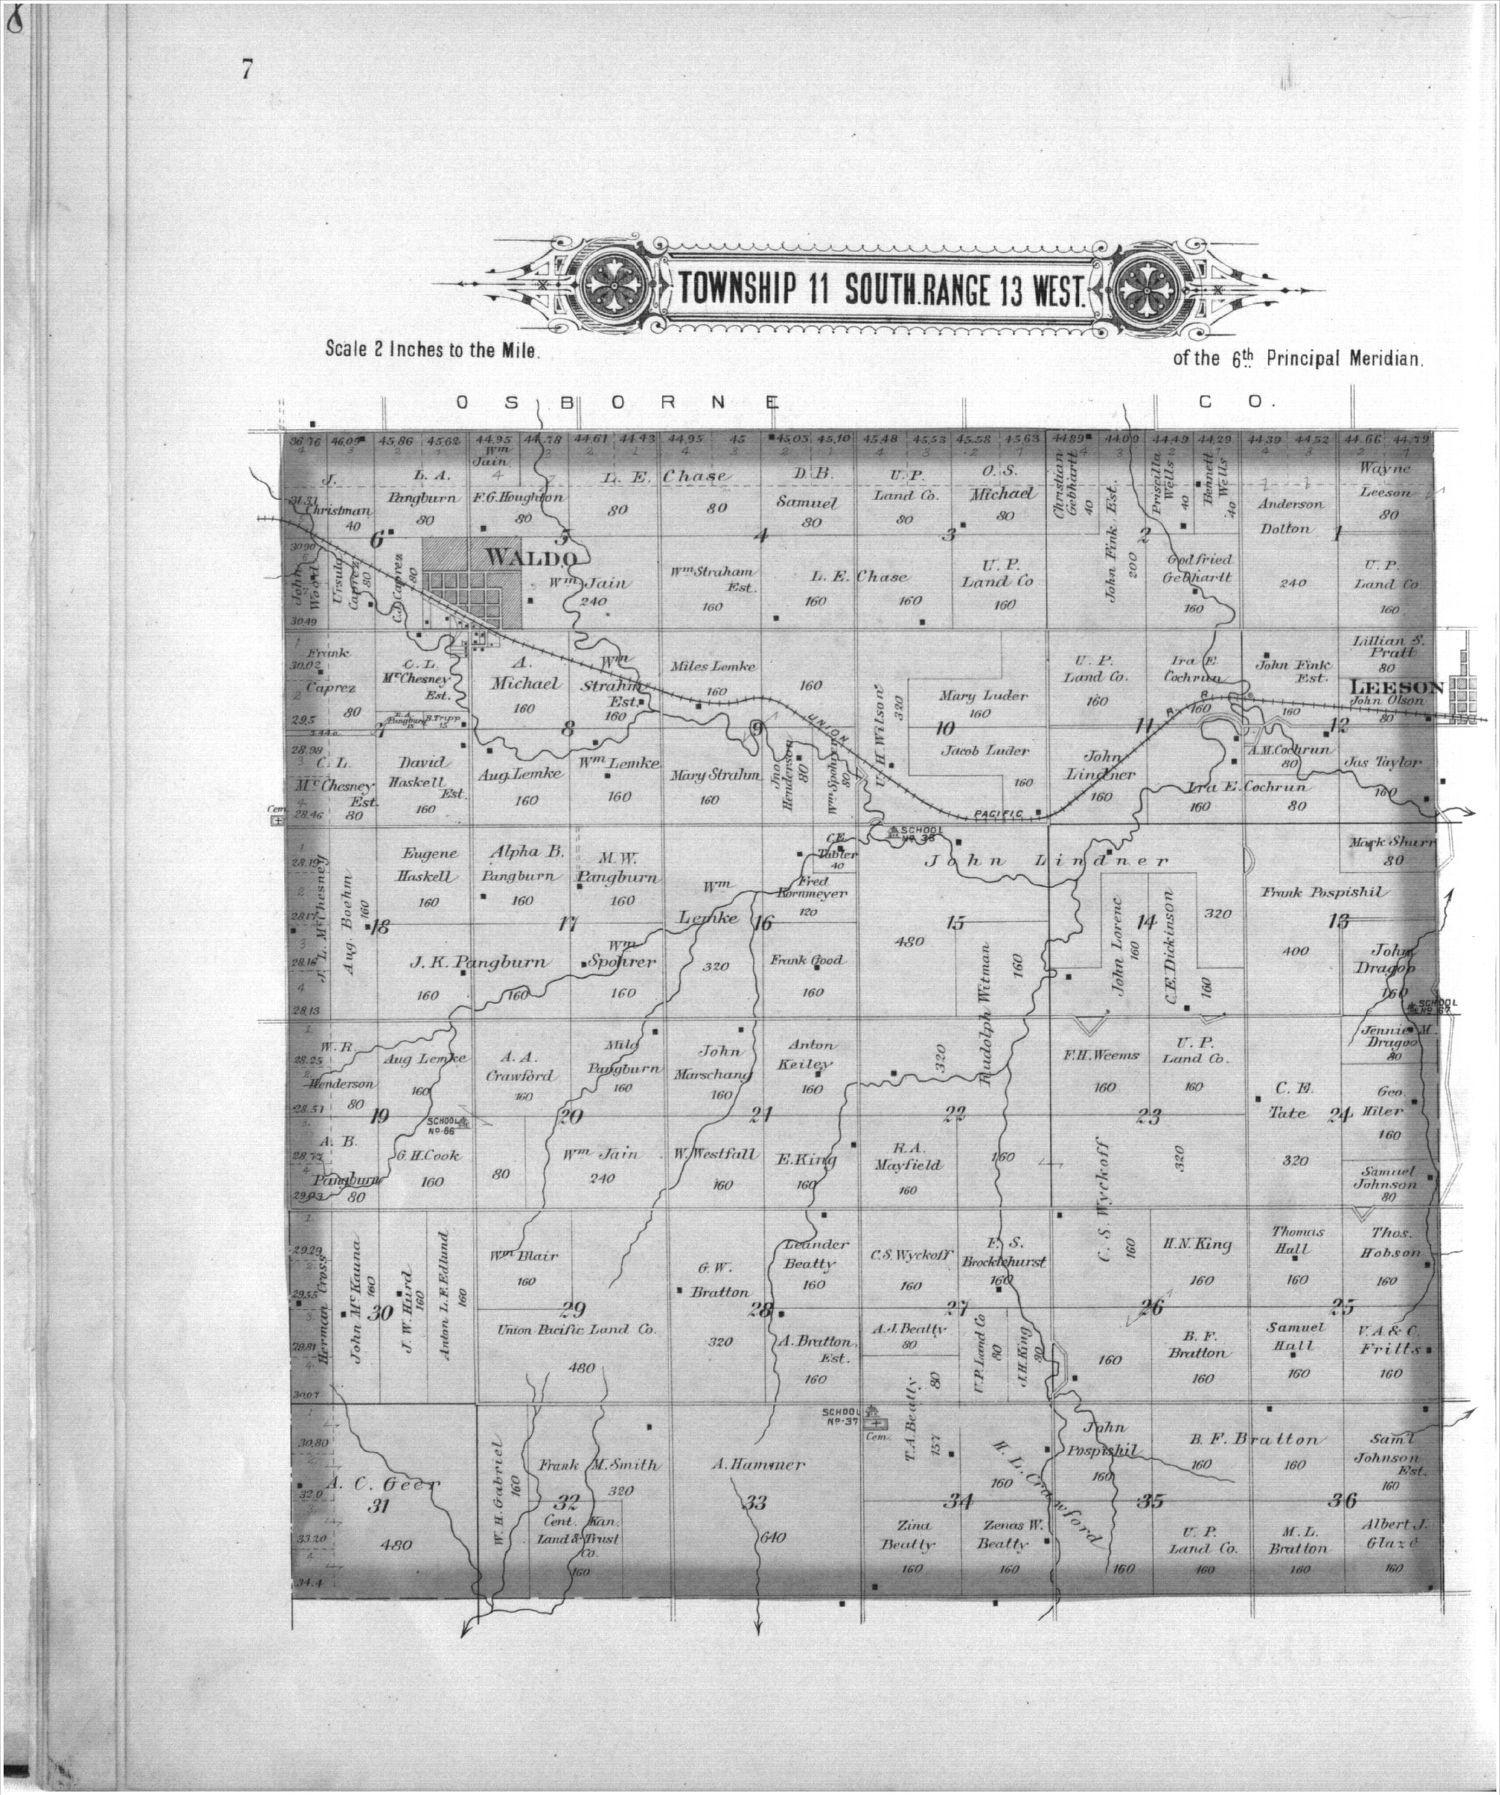 Plat book, Russell County, Kansas - 7